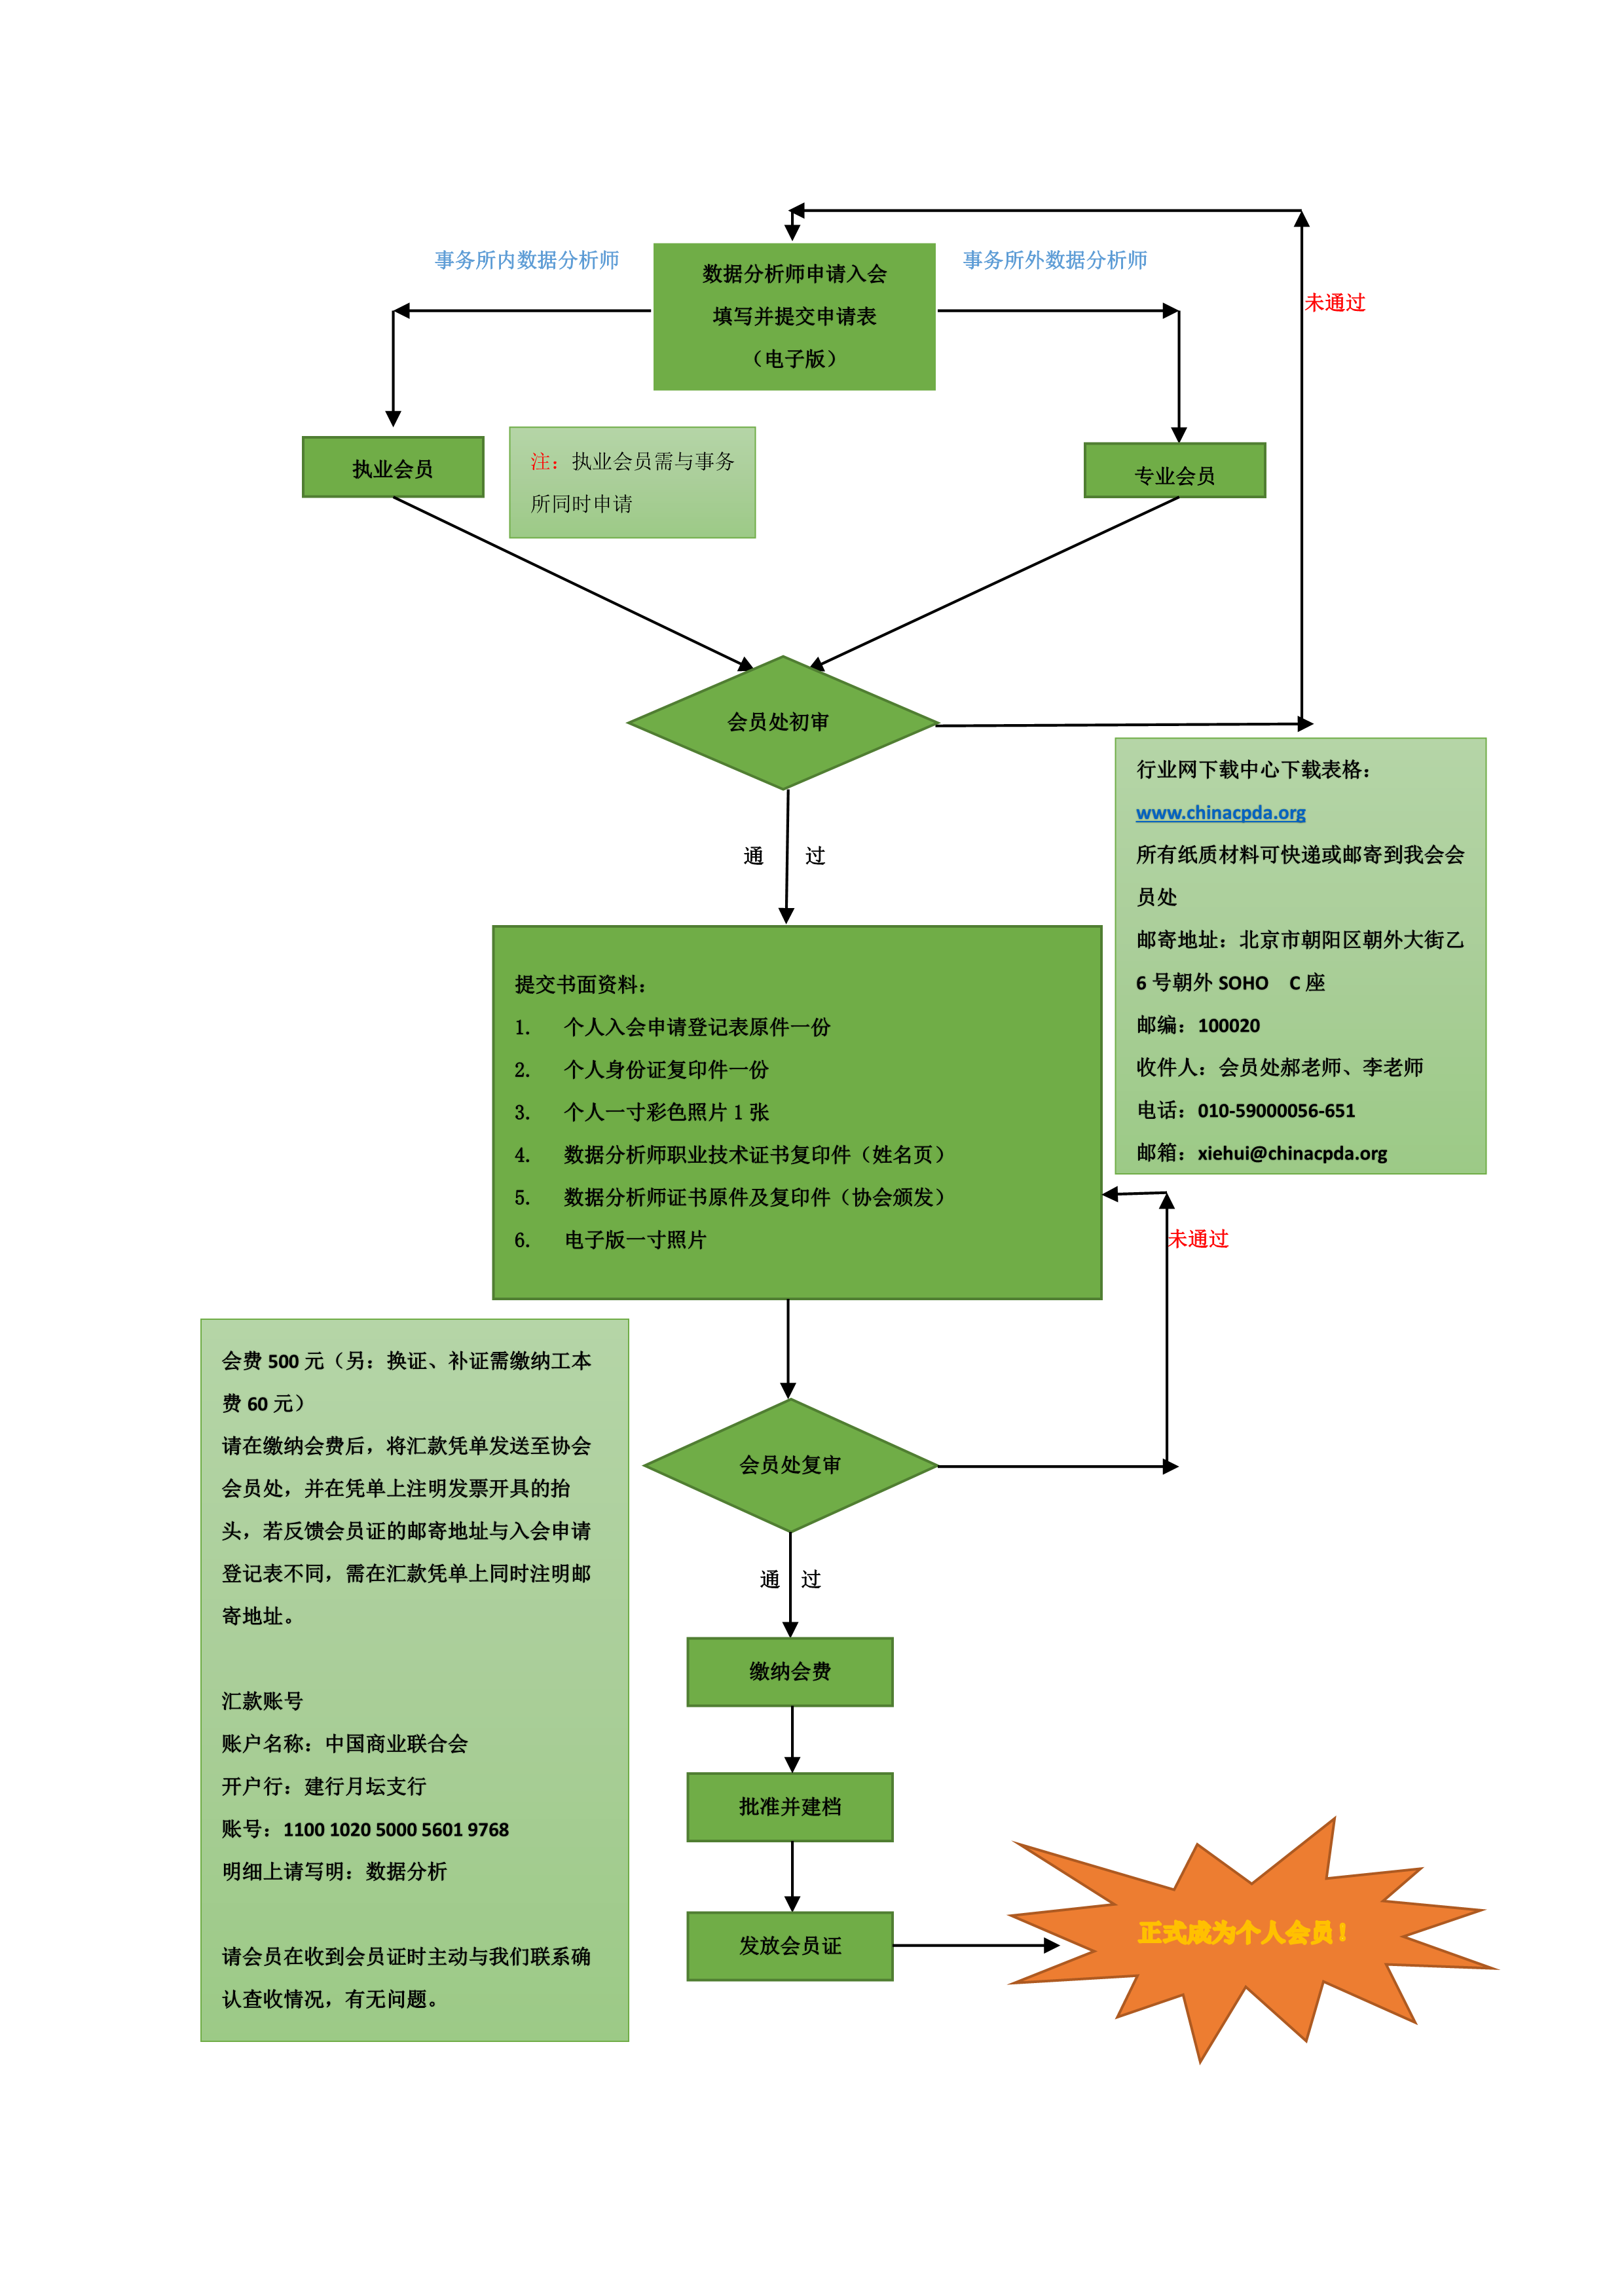 个人会员入会流程图_1